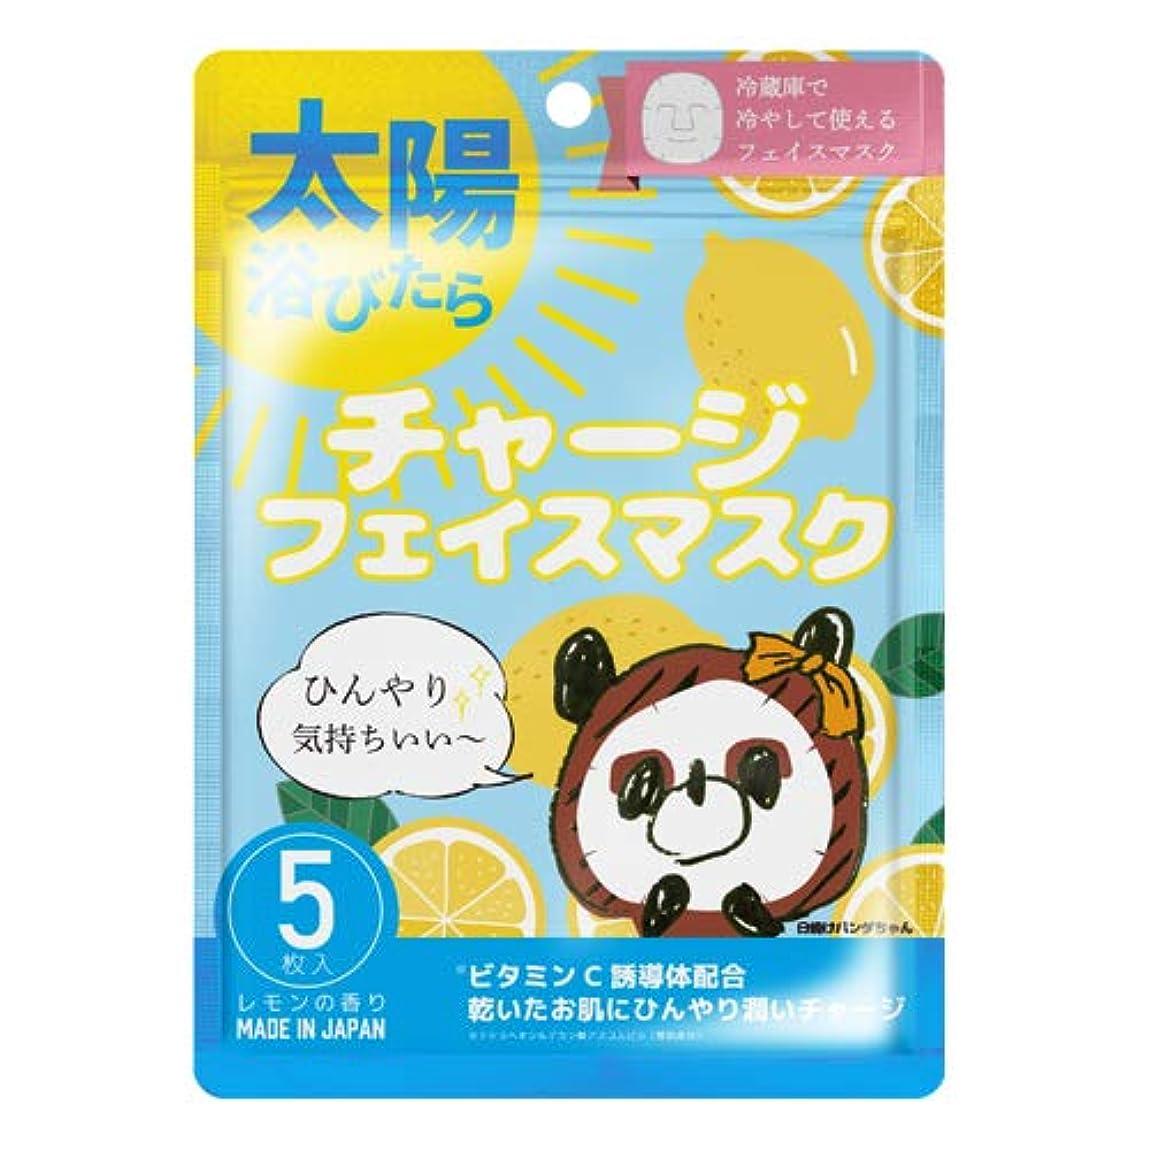 追跡ガラス藤色チャージフェイスマスク Charge Face Mask / 美容 フェイスマスク 日焼け 潤い レモン スキンケア